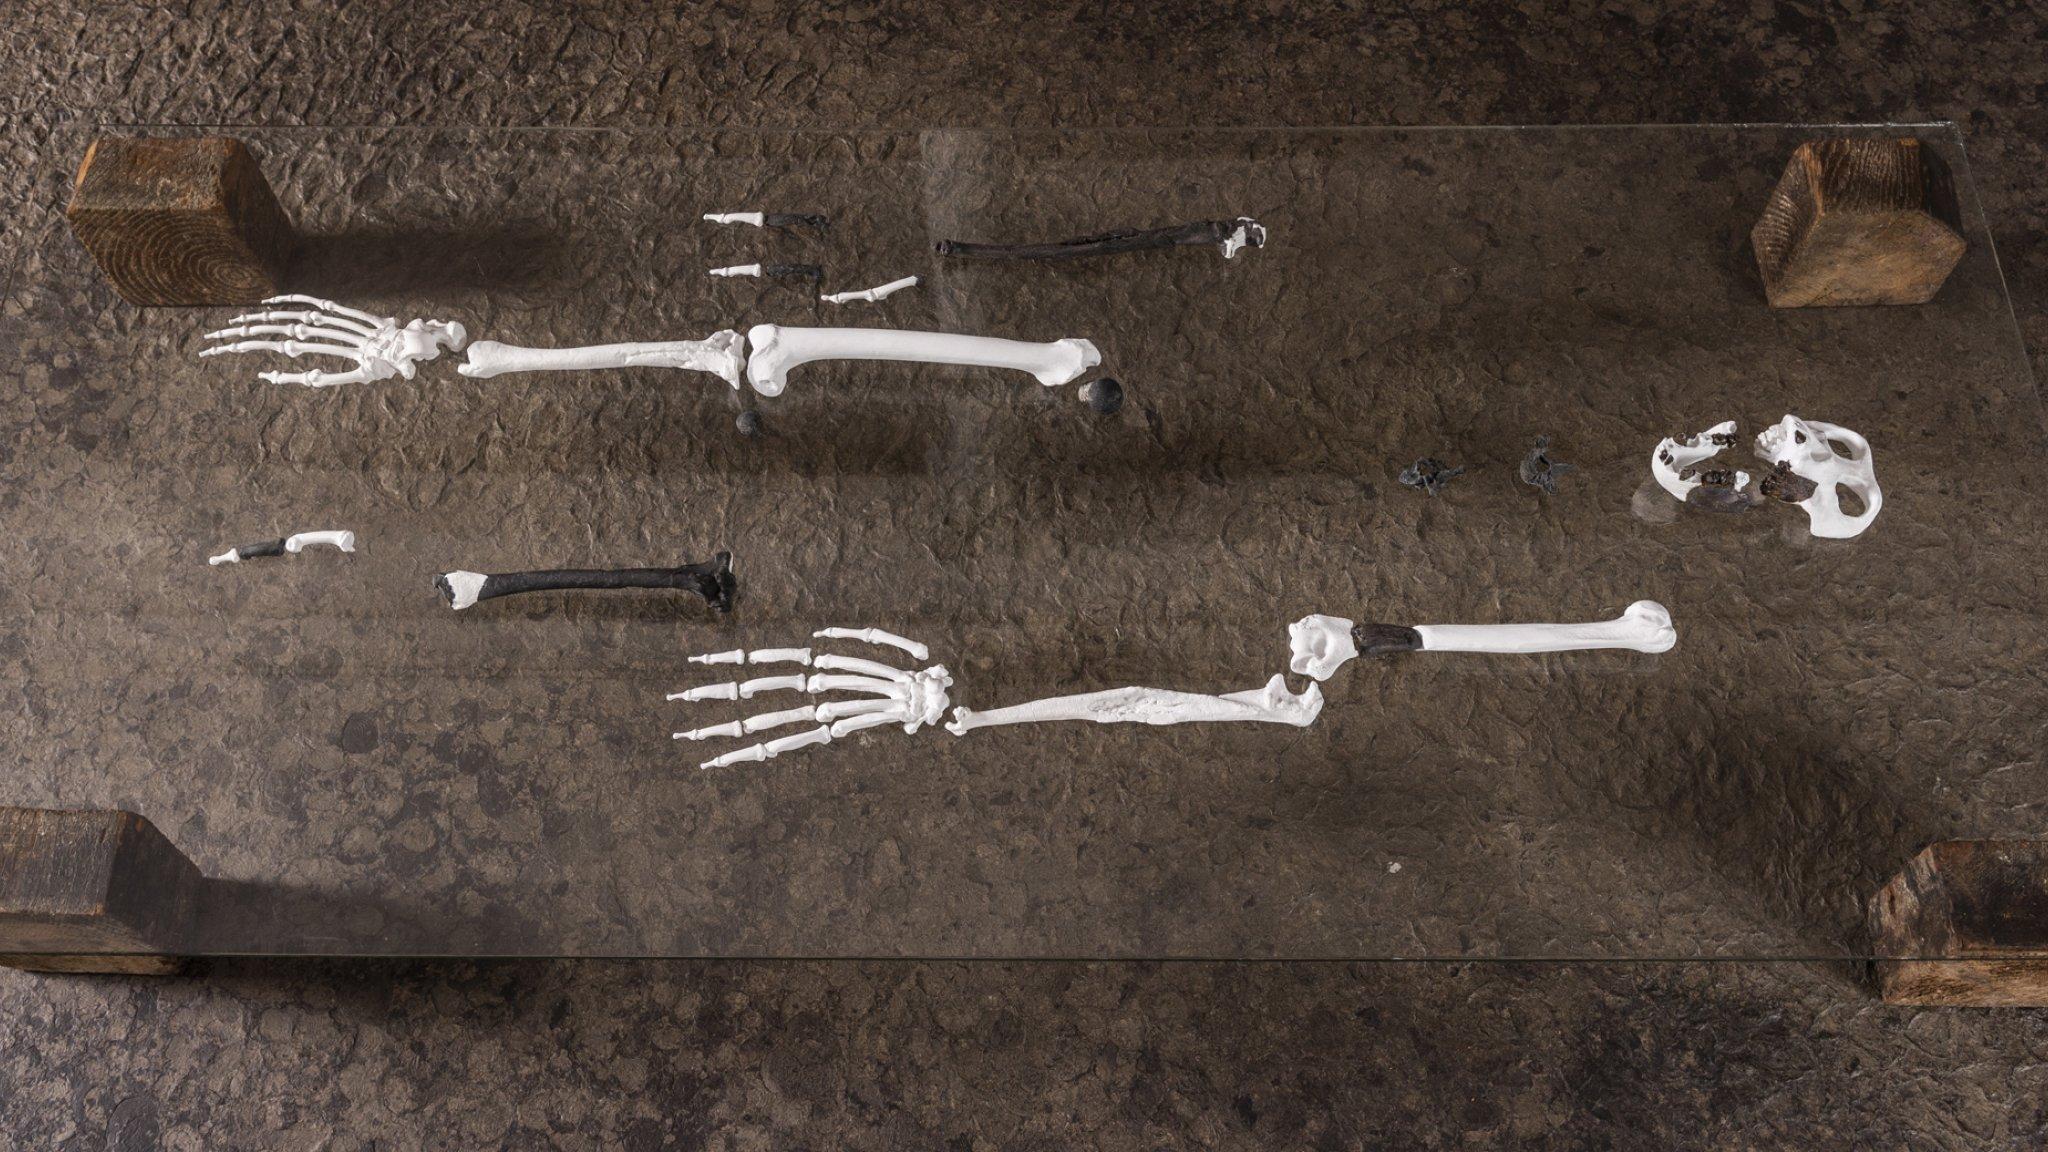 Auf einer Glasplatte haben Forscher das Skelett des aufrecht gehenden Menschenaffen Danuvius guggenmosi ausgebreitet. Nur ein Teil der Knochen ist erhalten, den Rest haben die Forscher rekonstruiert